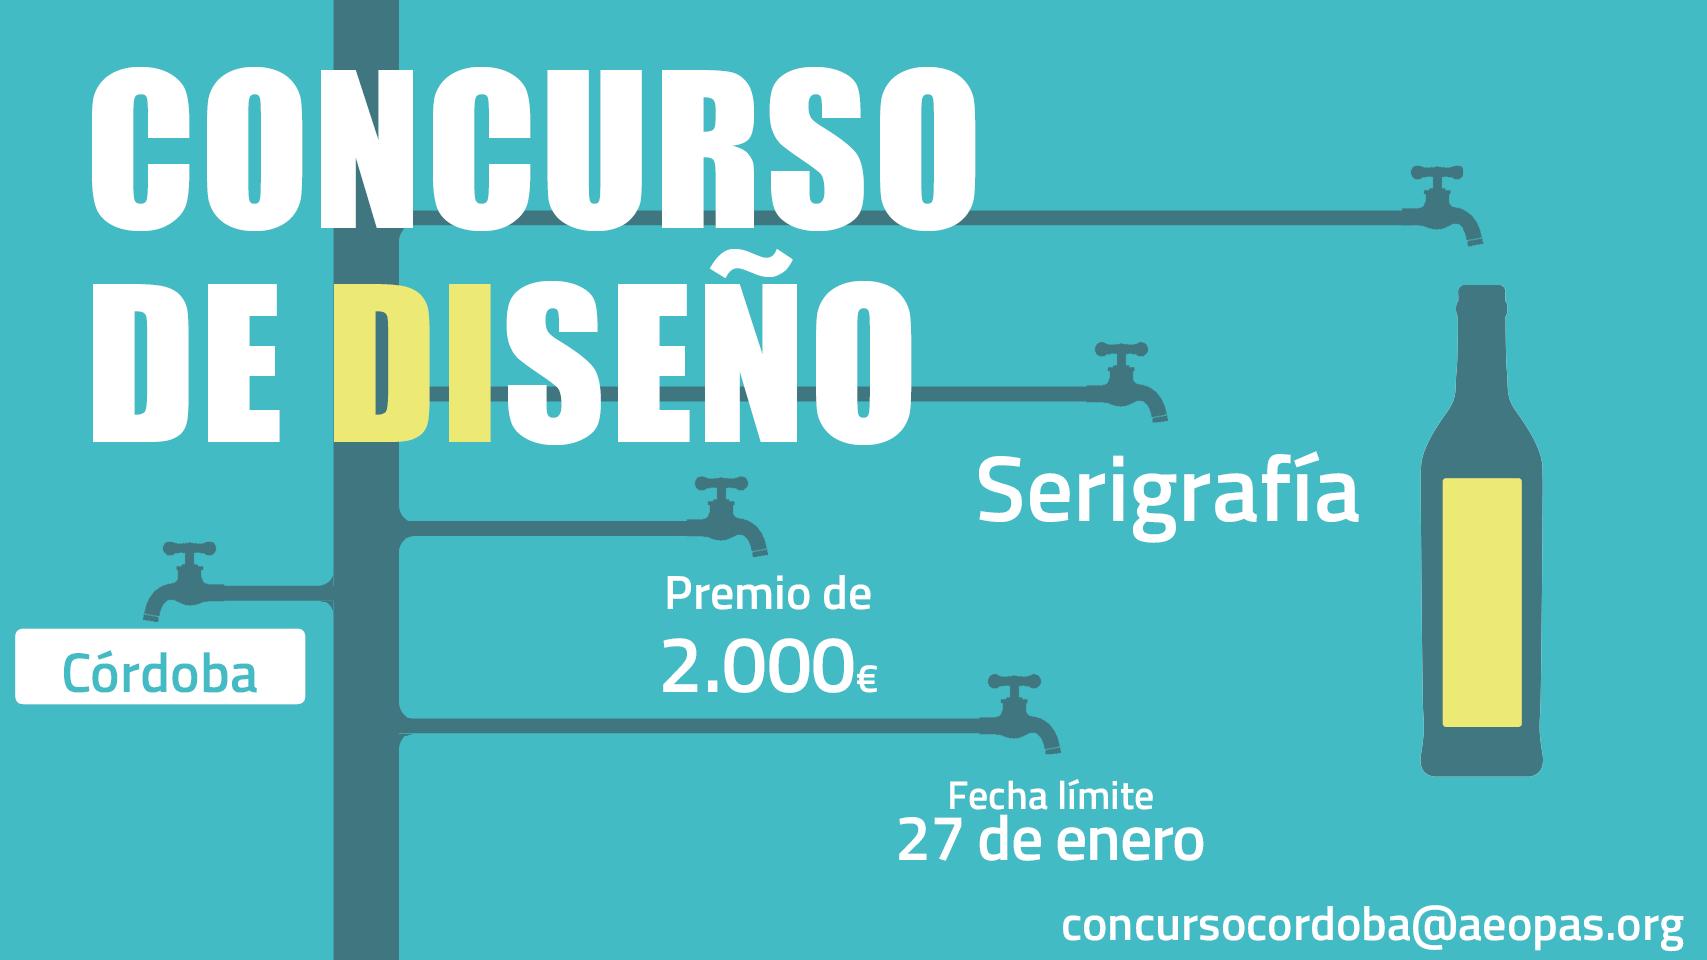 Concurso de diseño Córdoba